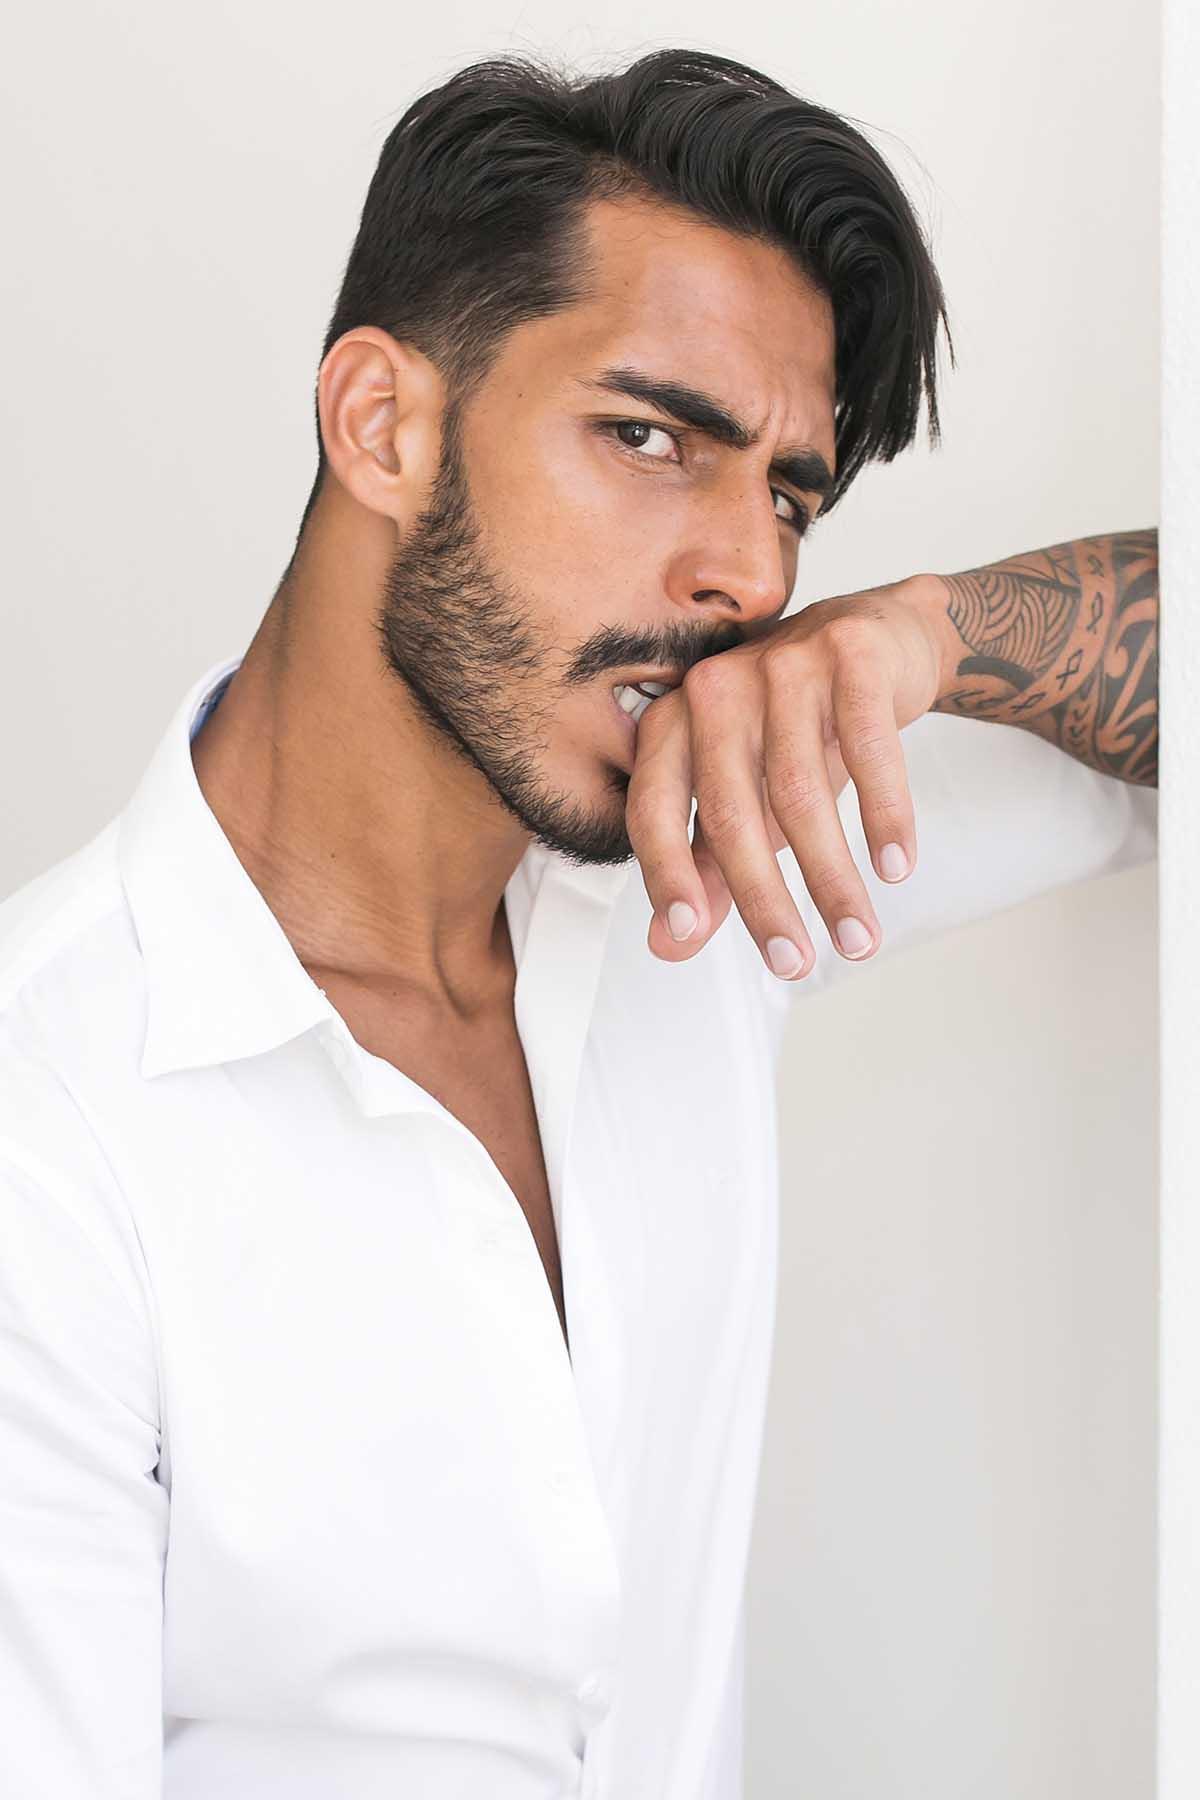 Paulo Philippe by Thiago Martini for Brazilian Male Model